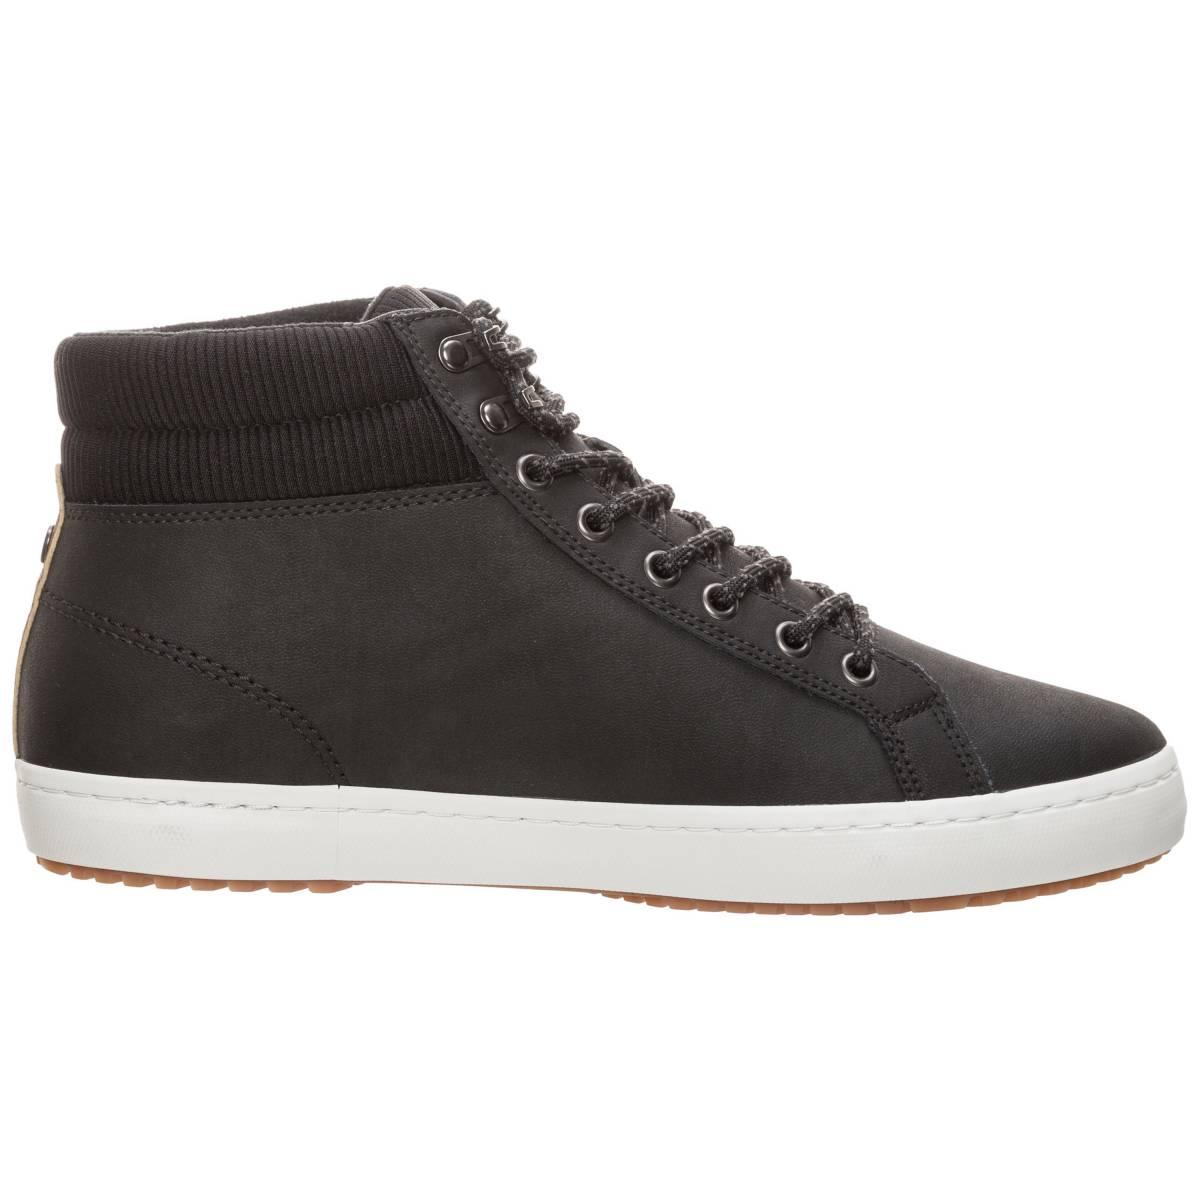 Sneaker 7 Schwarz Herren Straightset Lacoste 36cam006402h Insulate txwOqBX